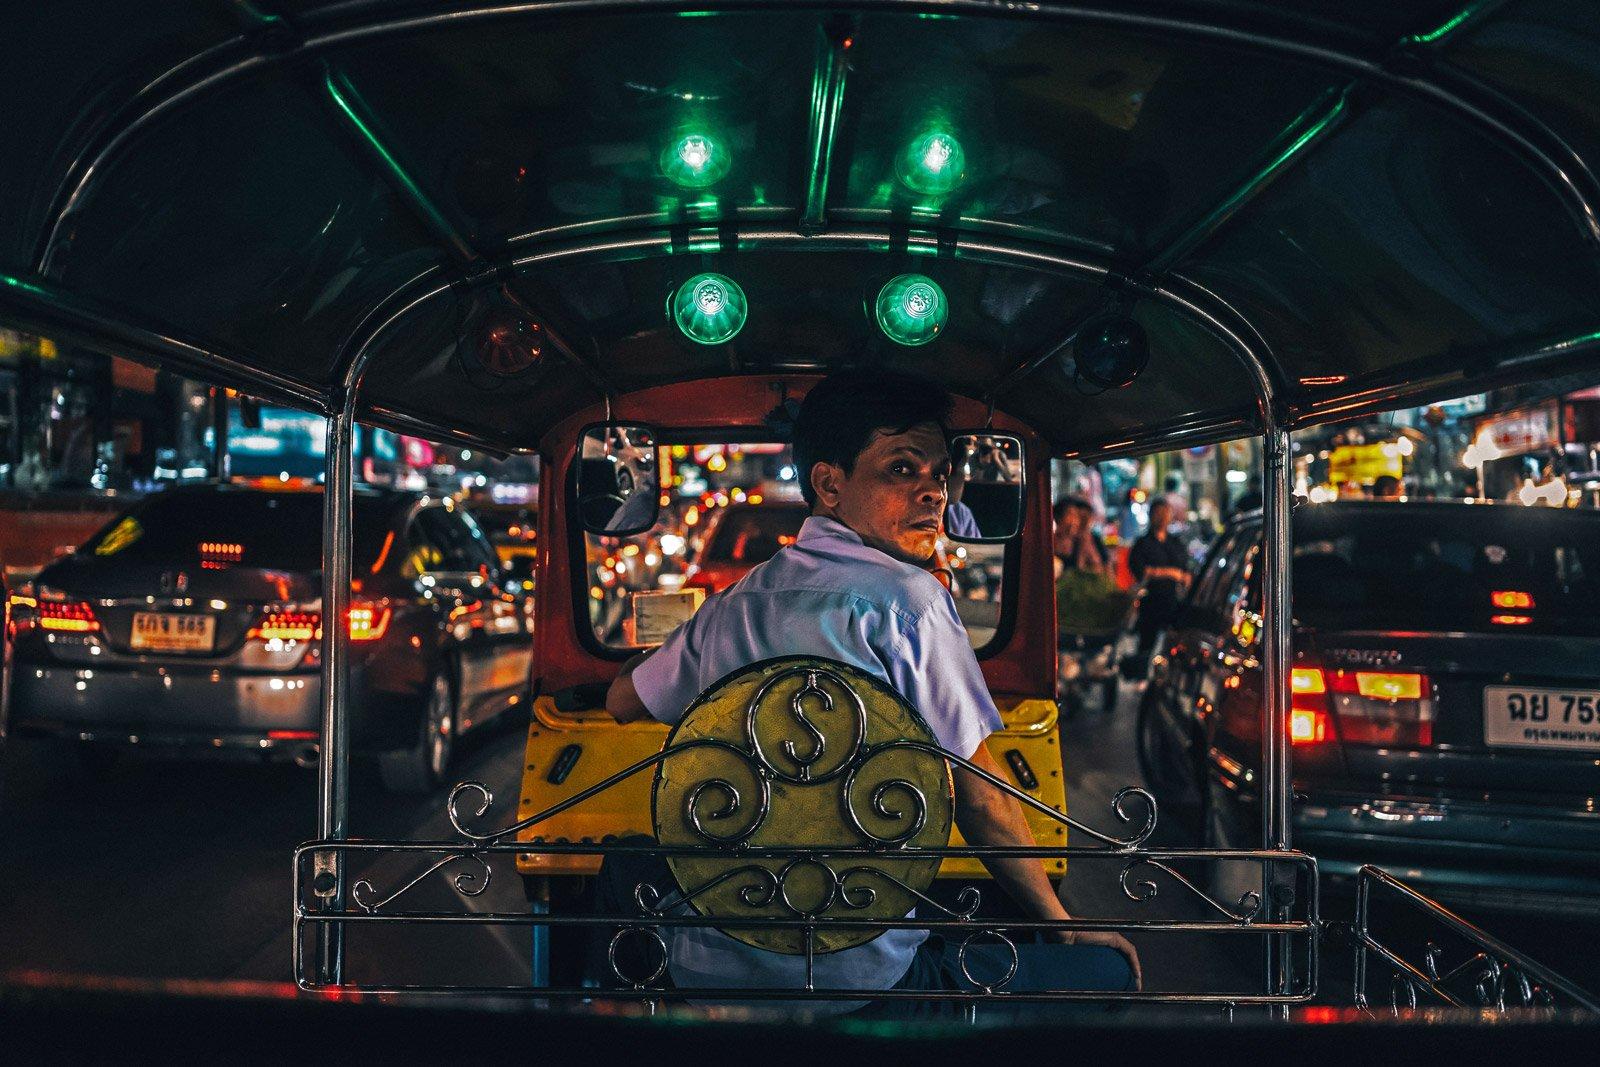 la Tailandia è da sempre considerata come una meta adatta ai nomadi, nella foto un autista su un tipico tuk tuk